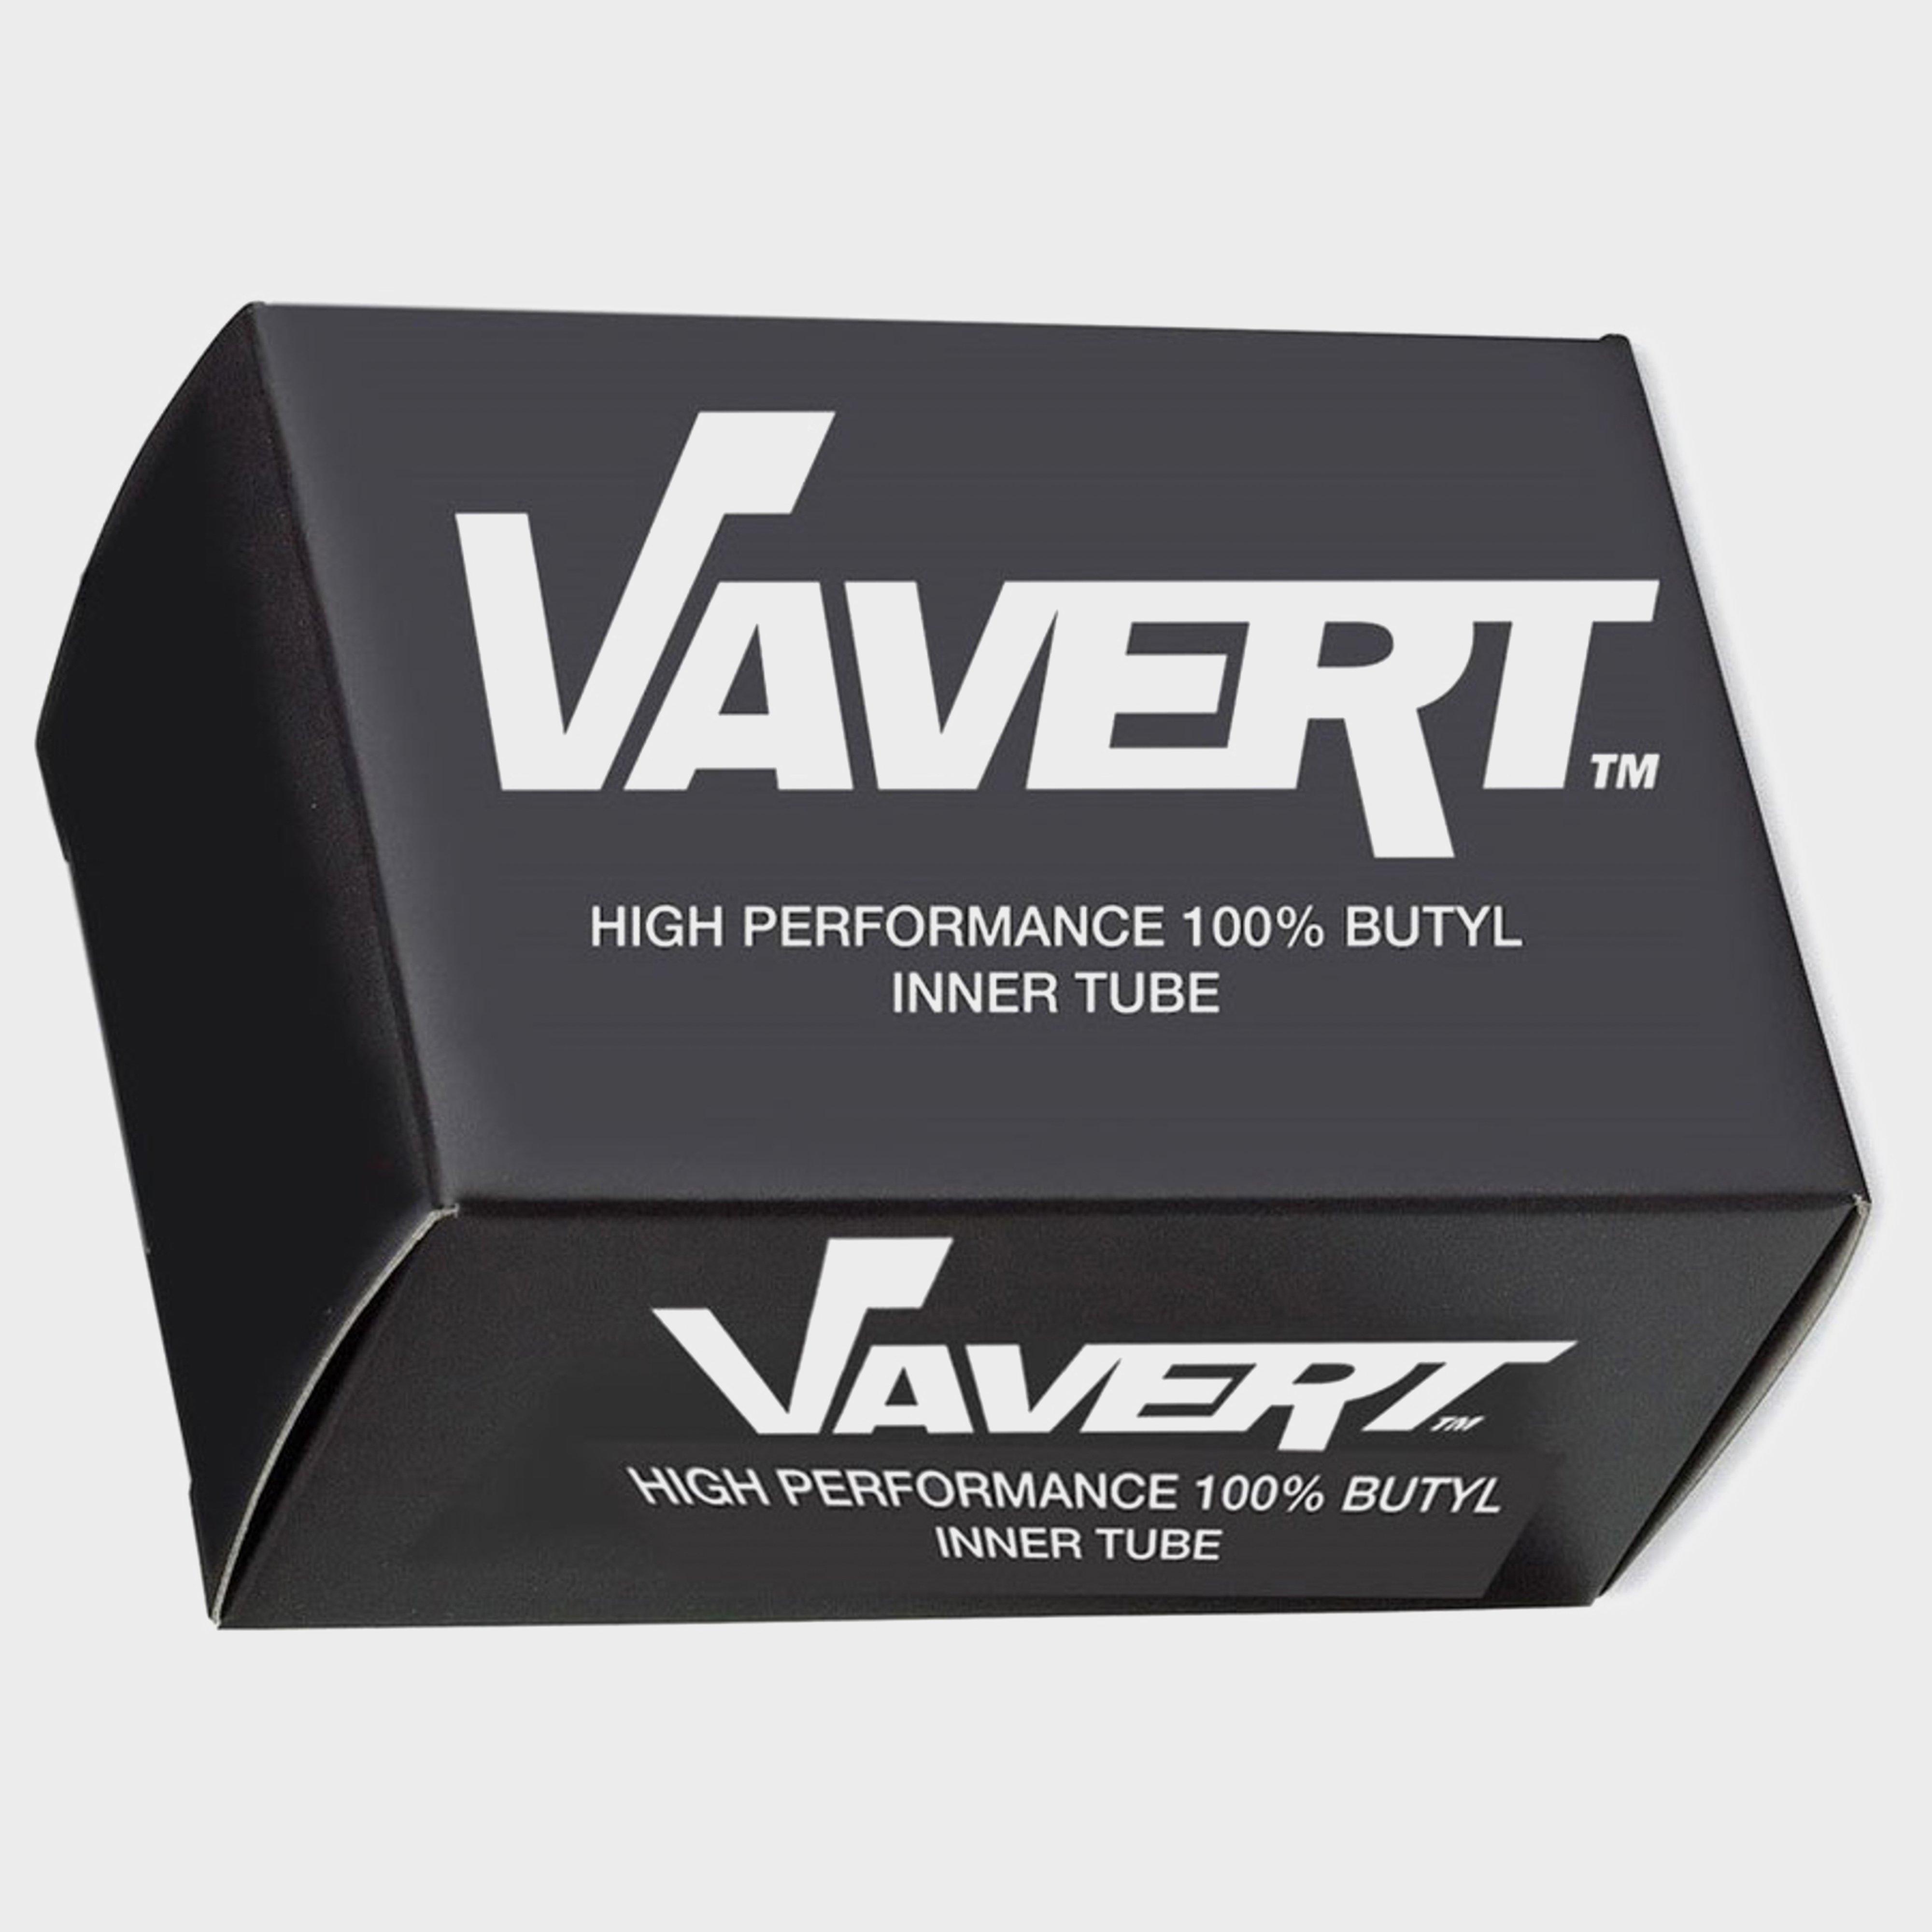 Vavert Schrader Innertube - Black/4  Black/4